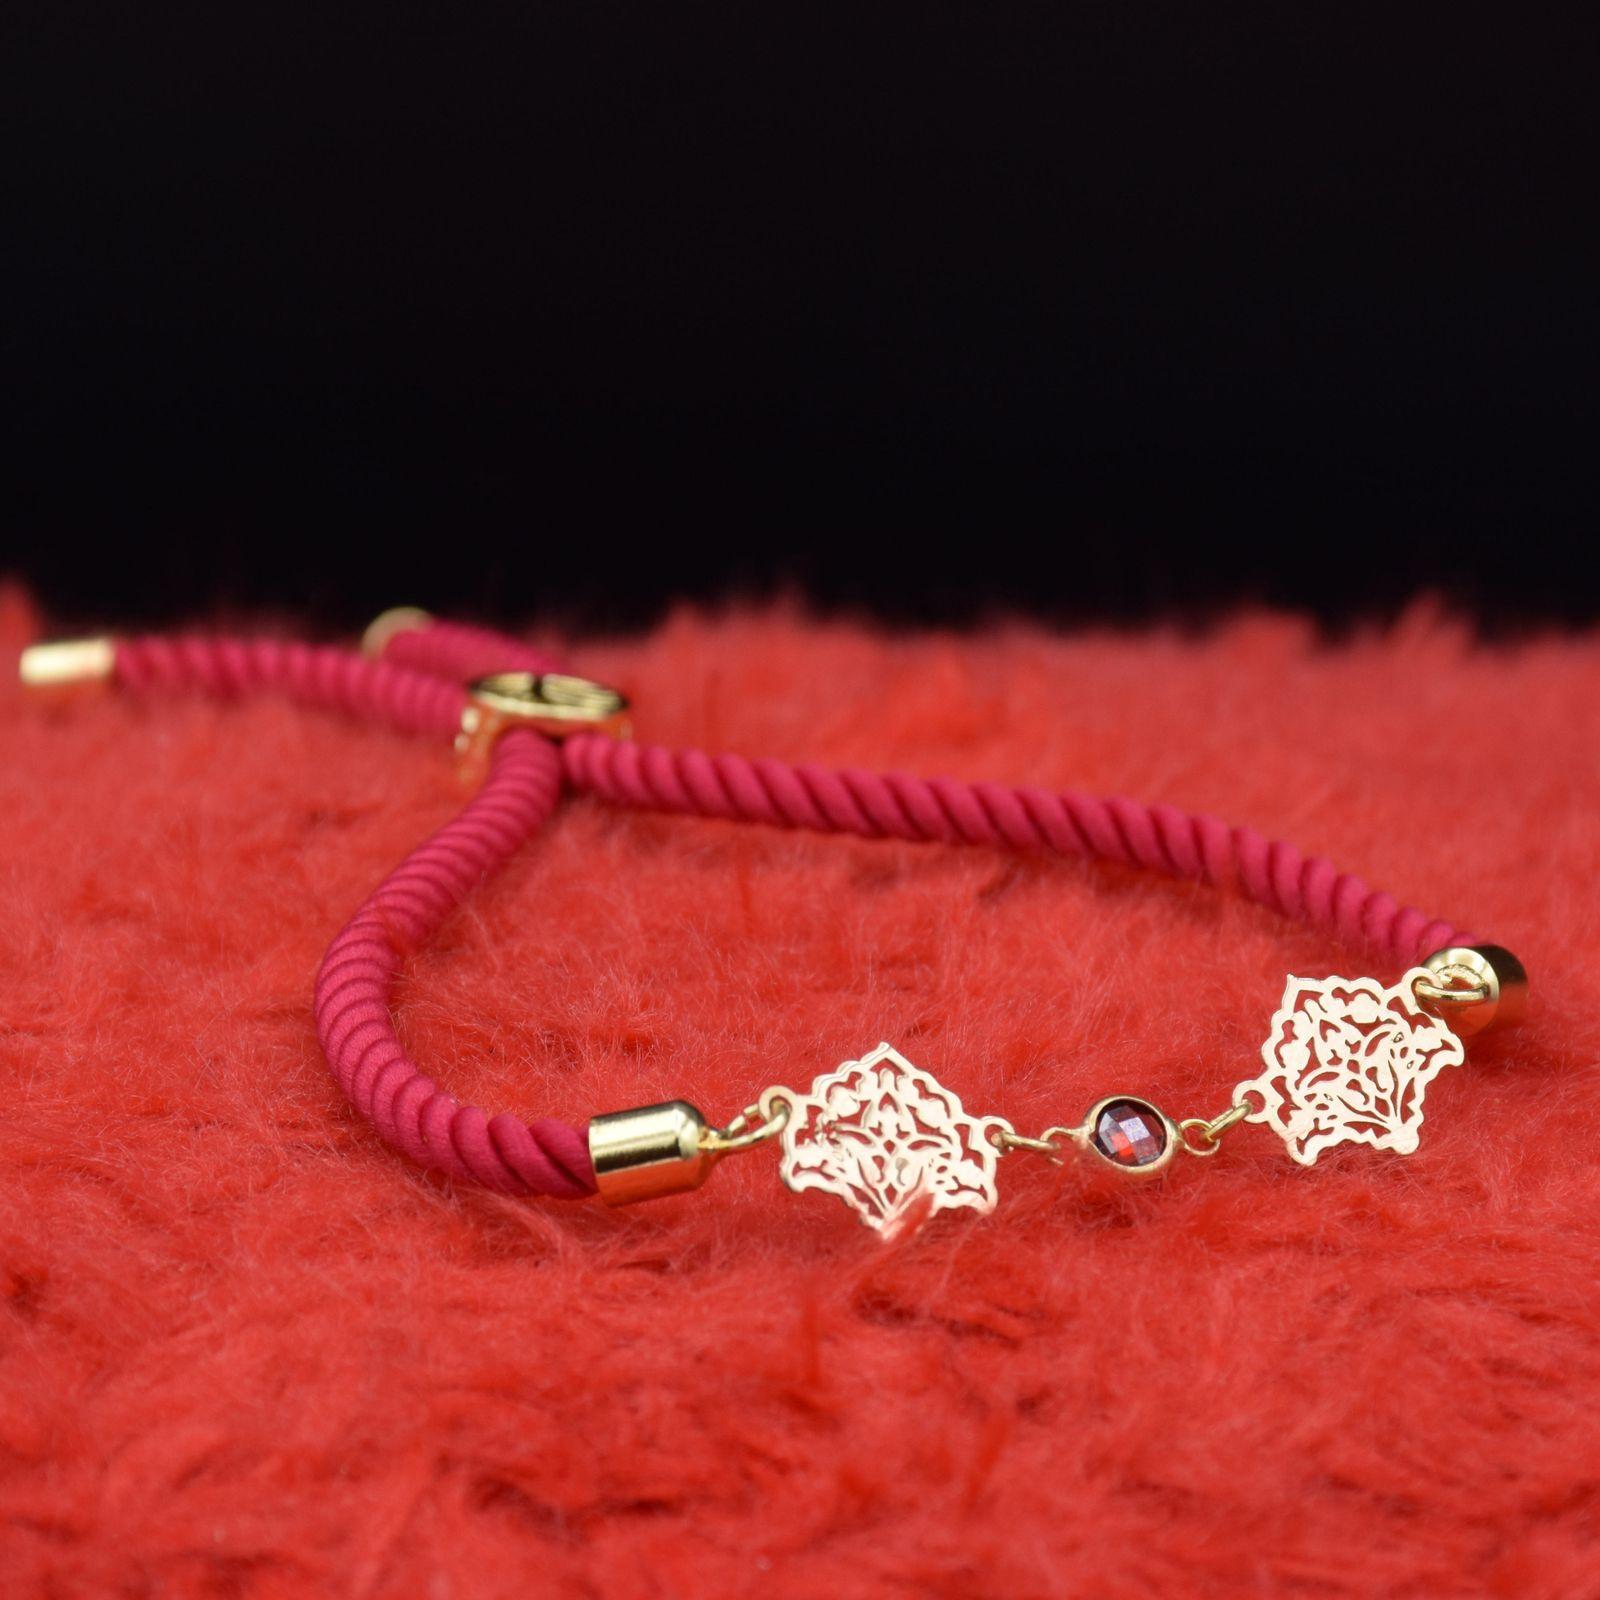 دستبند طلا 18 عیار زنانه آمانژ طرح اسلیمی کد 912D3389 -  - 1